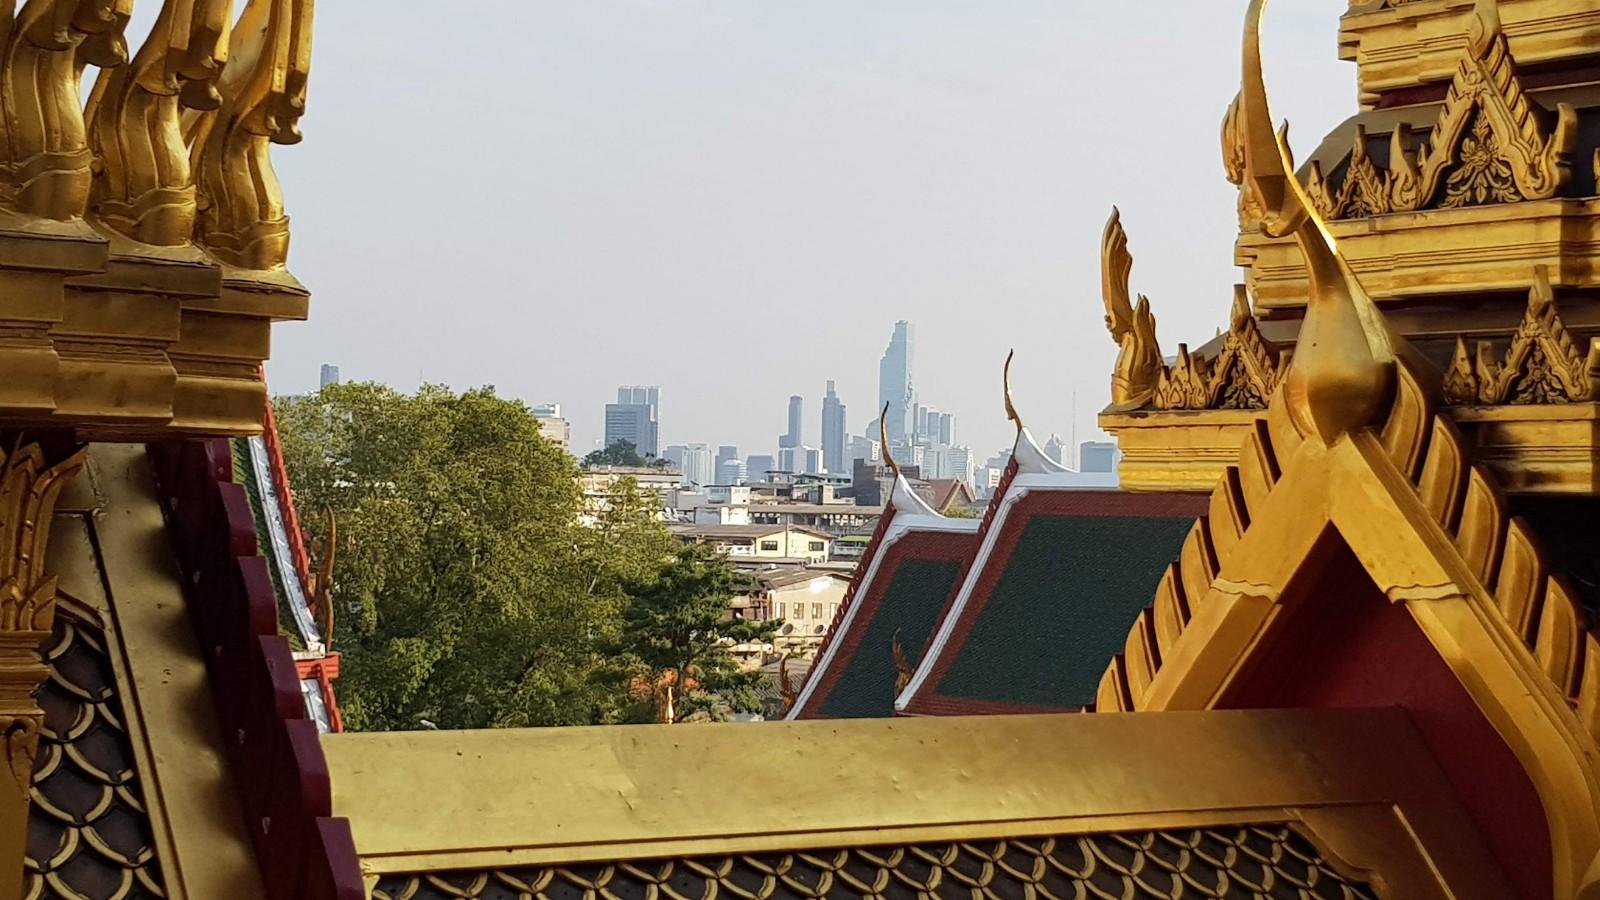 Tempel Thailand reis